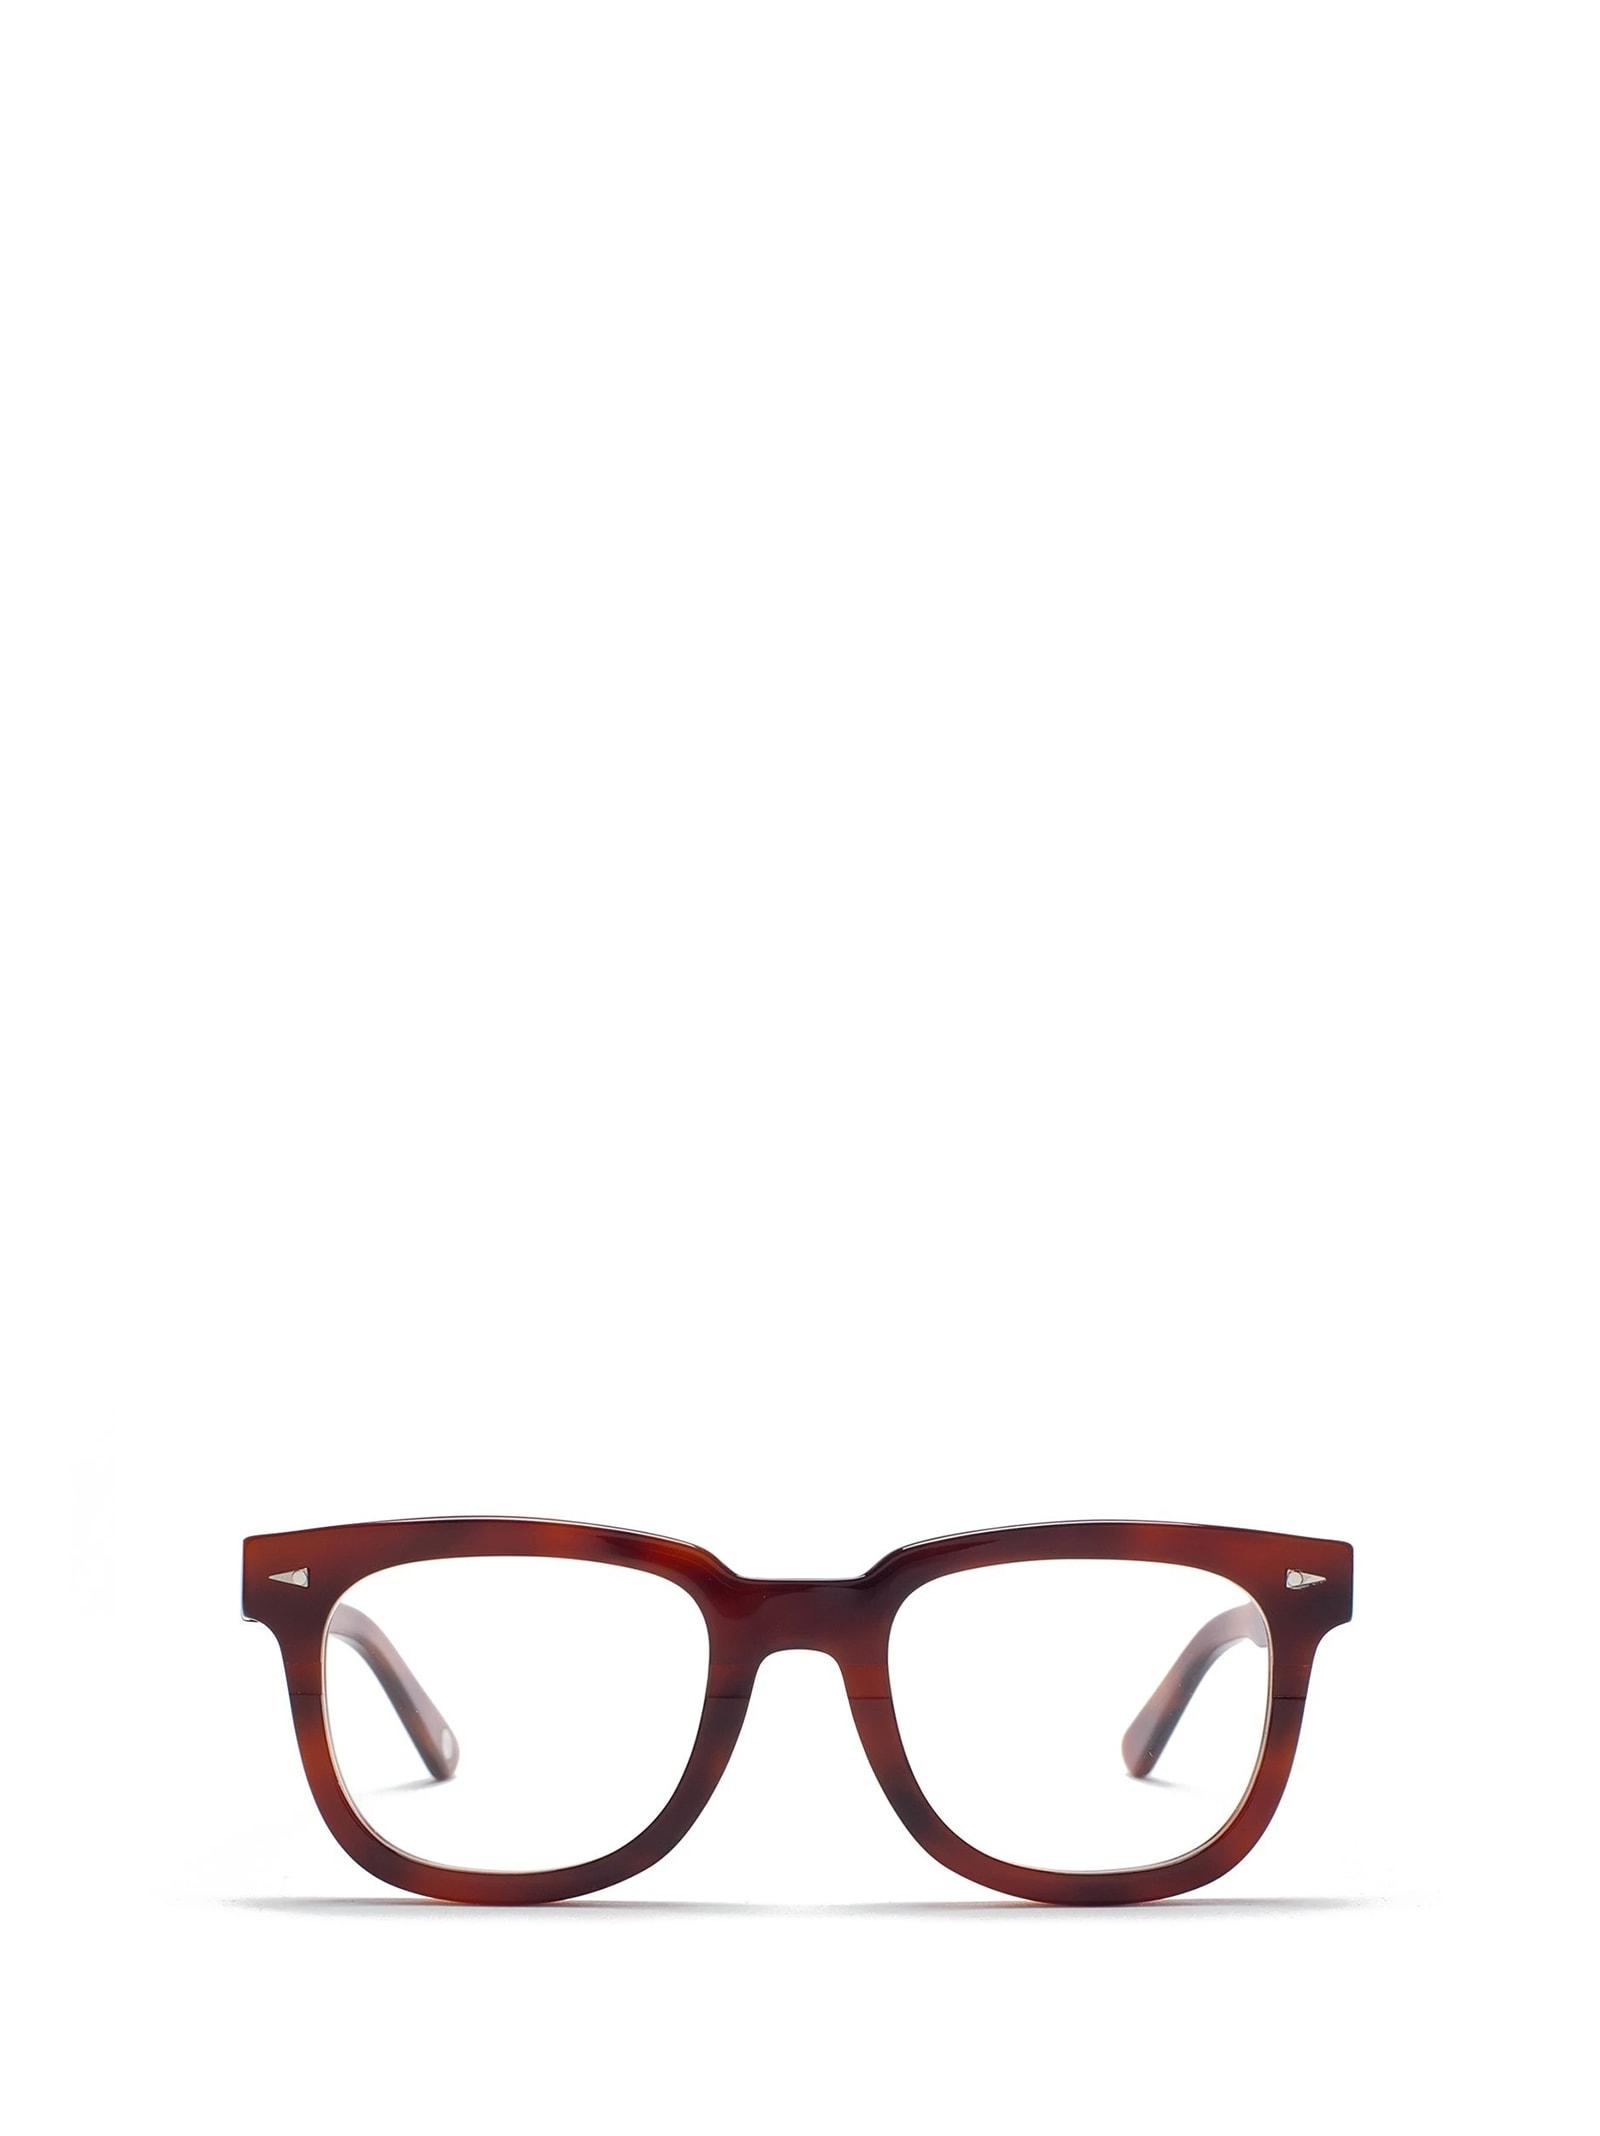 AHLEM Ahlem Square Du Temple Optic Brown Turtle Glasses